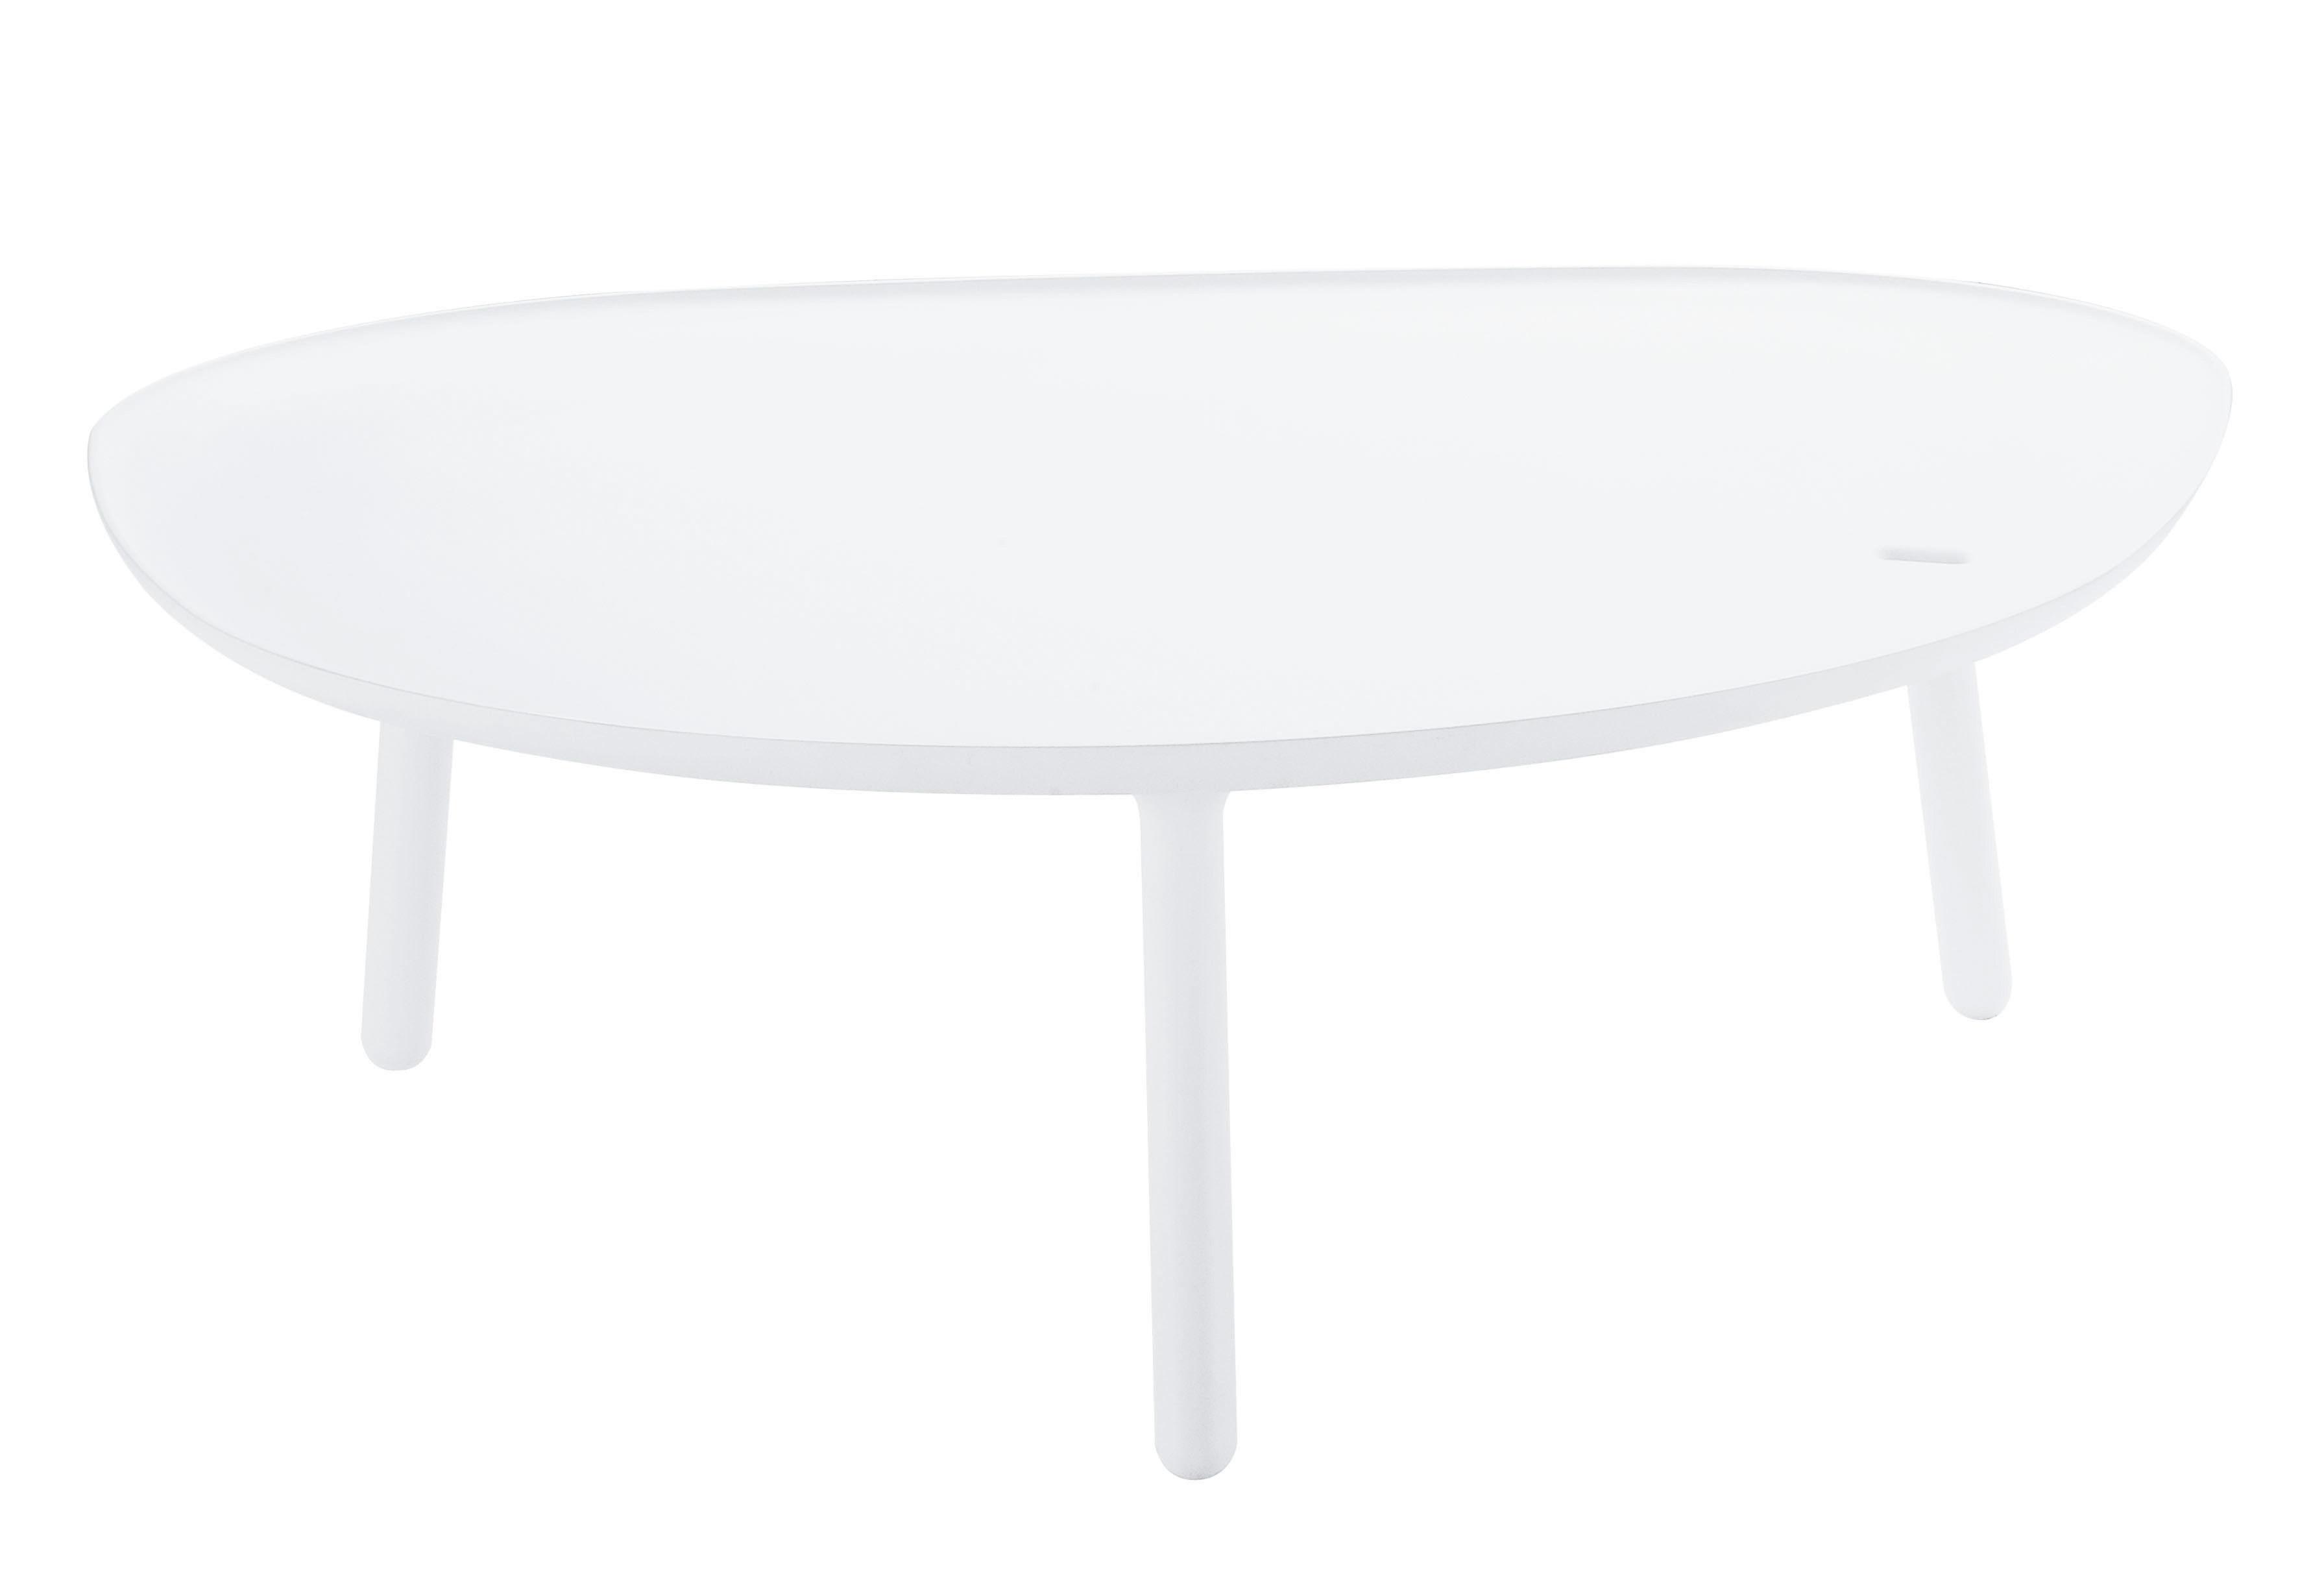 Mobilier - Tables basses - Table basse Ninfea H 35 cm - Zanotta - Blanc mat - Matière plastique